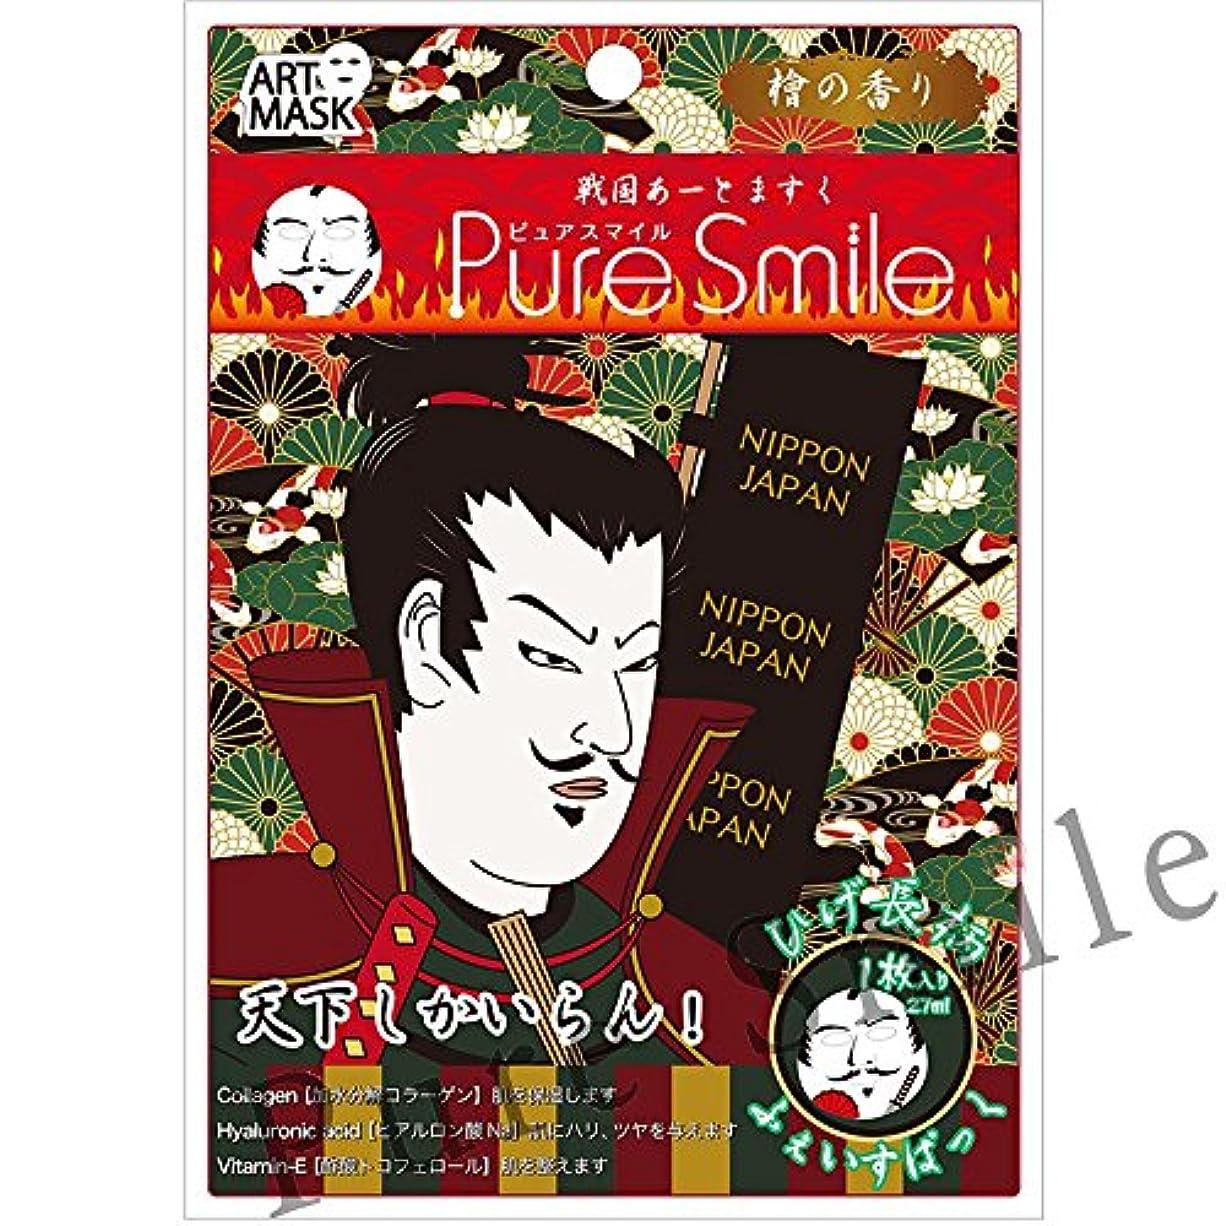 幻滅明確に関係ないPure Smile(ピュアスマイル) フェイスマスク/アートマスク『戦国アートマスク』(ひげ長/檜の香り)